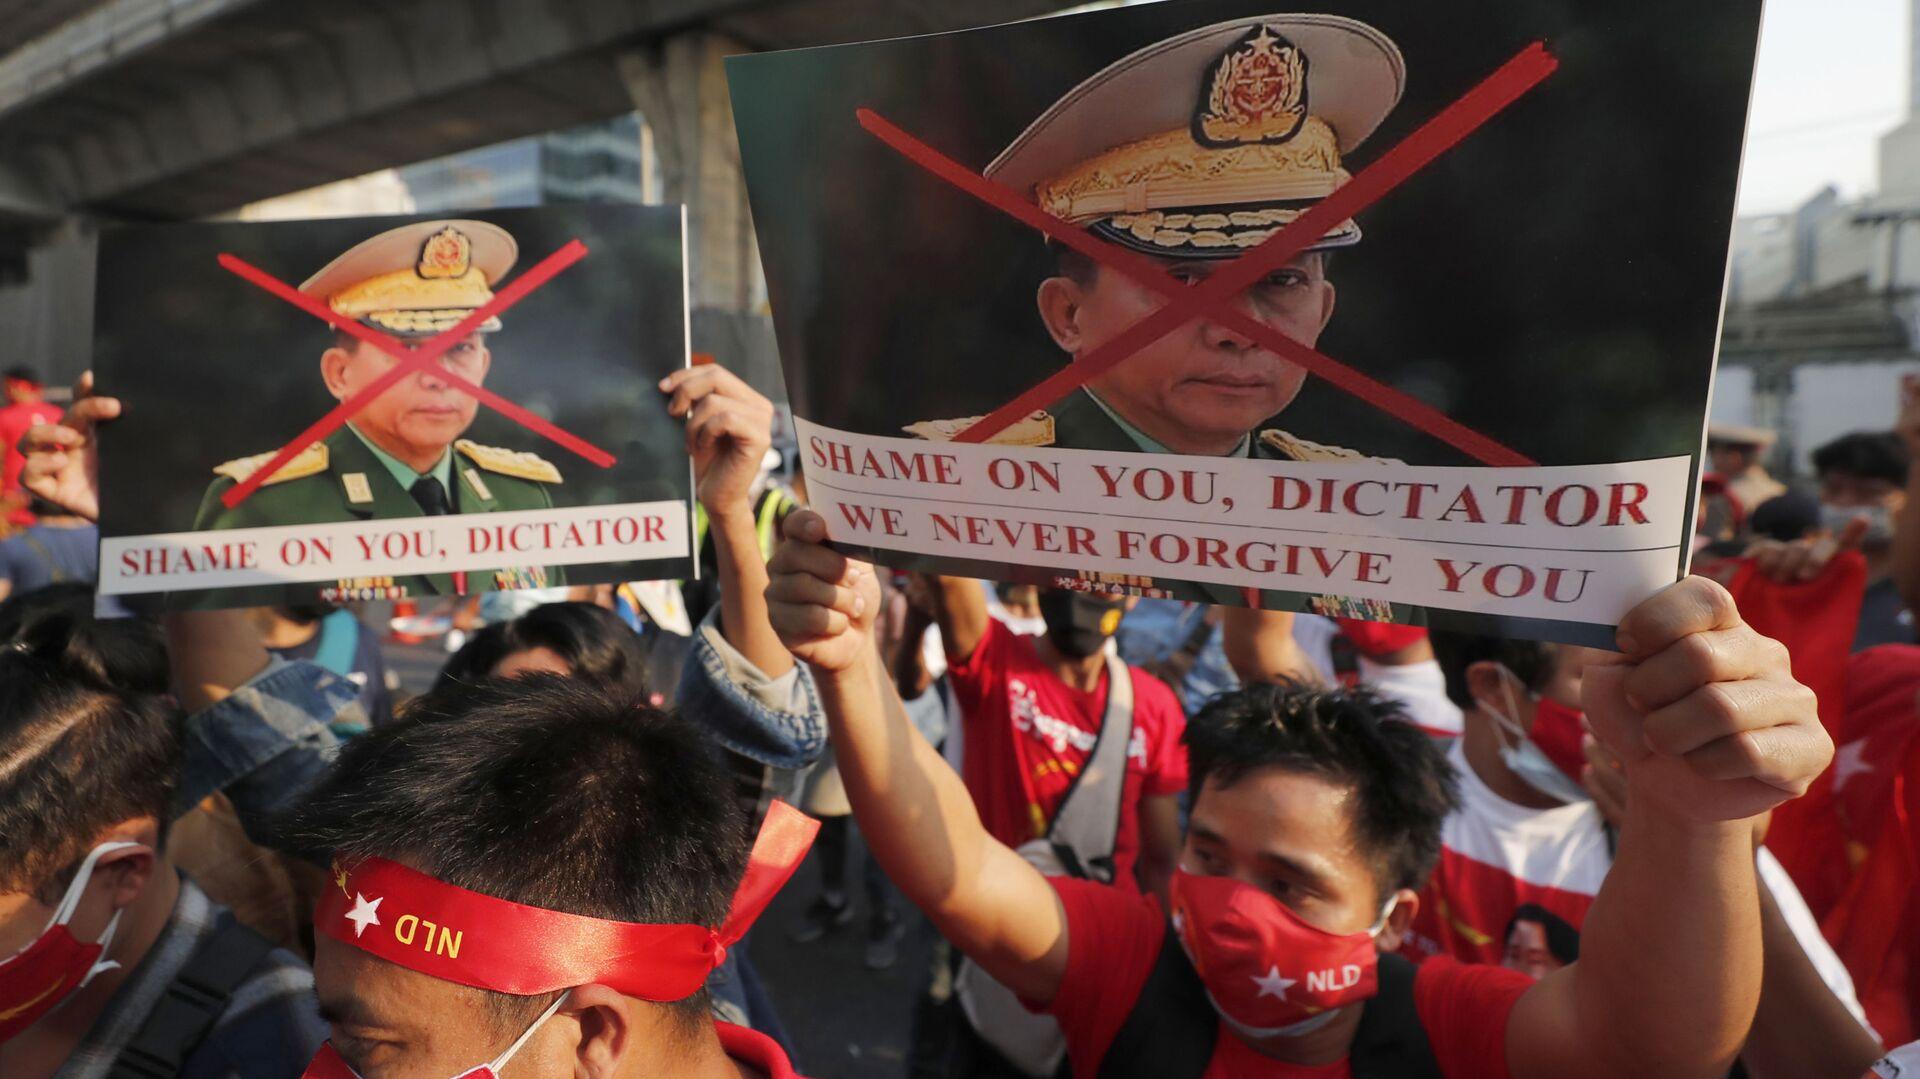 Manifestantes birmanos en Tailandia protestan contra el golpe de Estado en Birmania - Sputnik Mundo, 1920, 19.03.2021